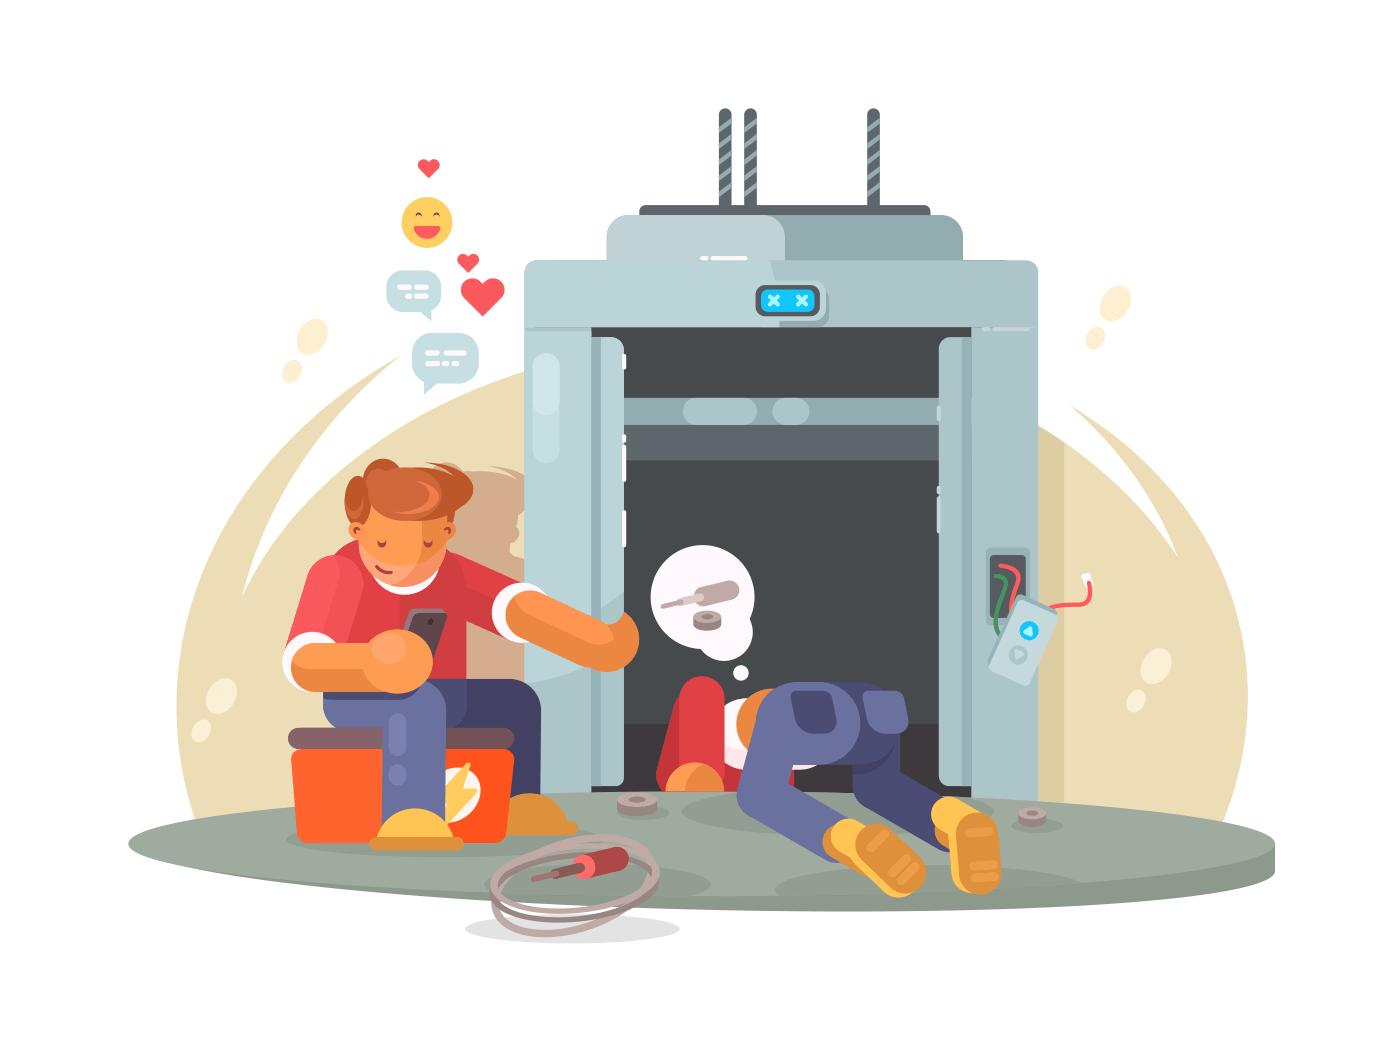 Workers repairing broken lift illustration